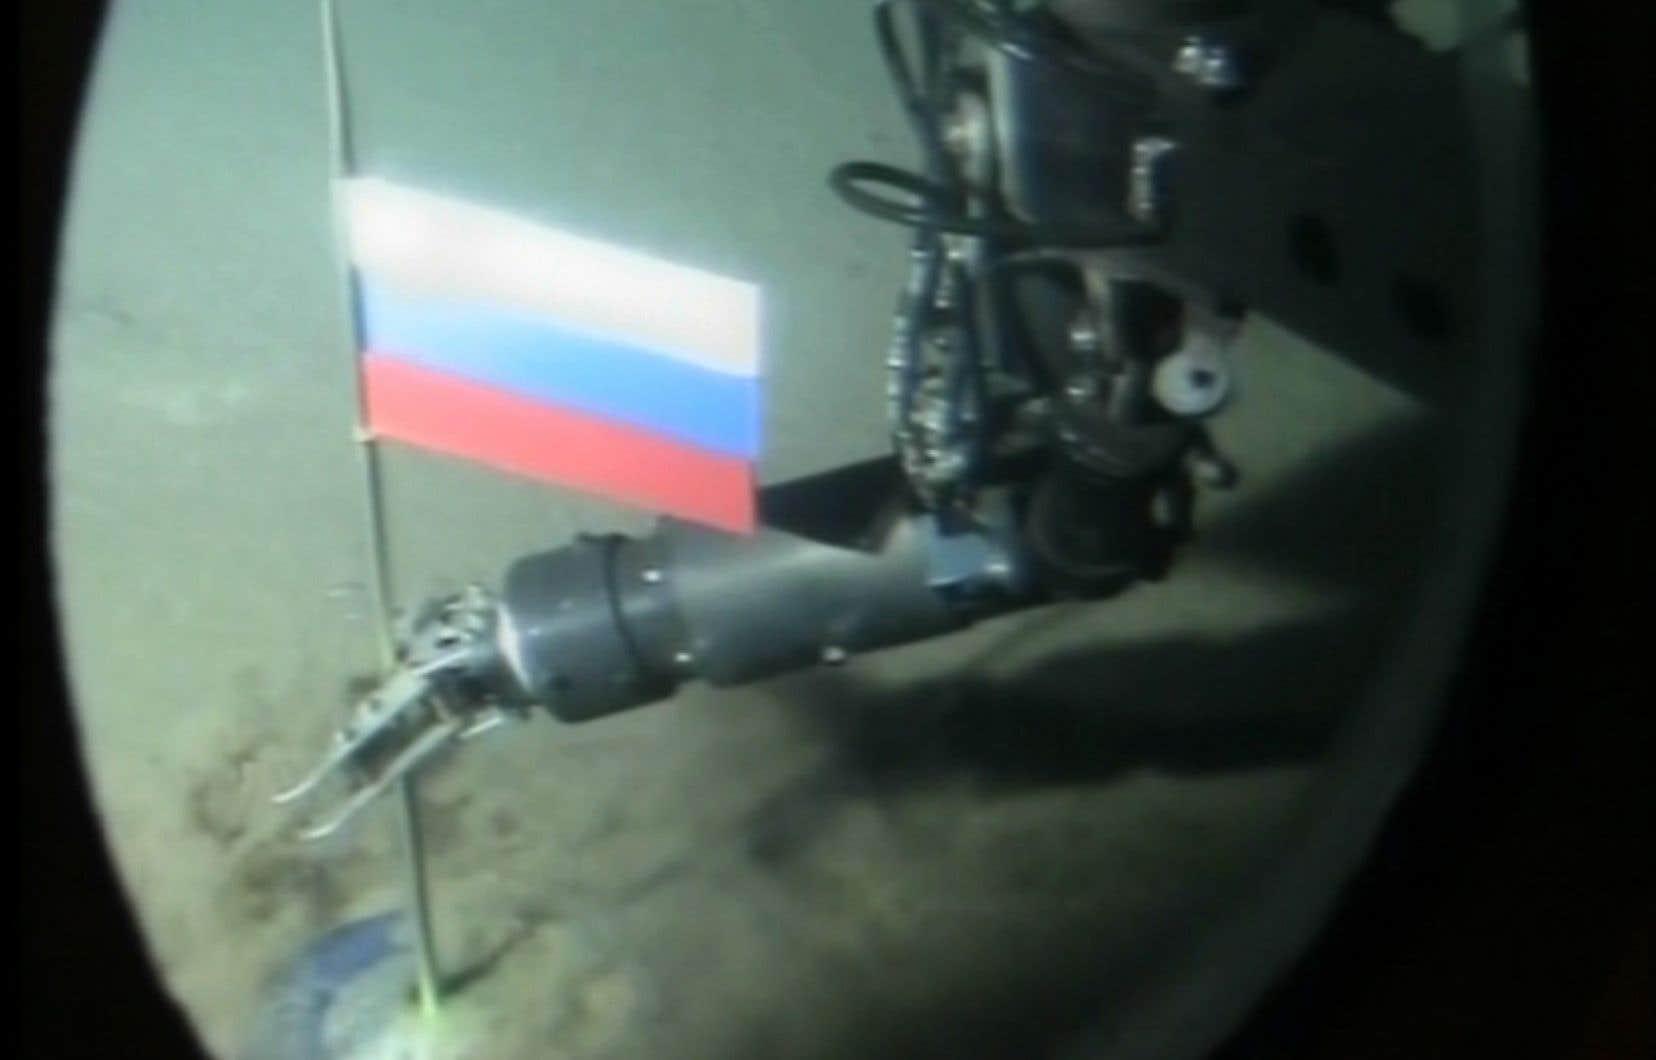 «Le Kremlin démontre une volonté grandissante de dominer l'Arctique, où la Russie est en compétition avec le Canada», écrit Sergey Sukhankin, l'auteur de l'étude. Sur la photo, des images télévisées d'un mini sous-marin télécommandé plantant une capsule avec le drapeau russeau pôle Nord, dans l'océan Arctique.